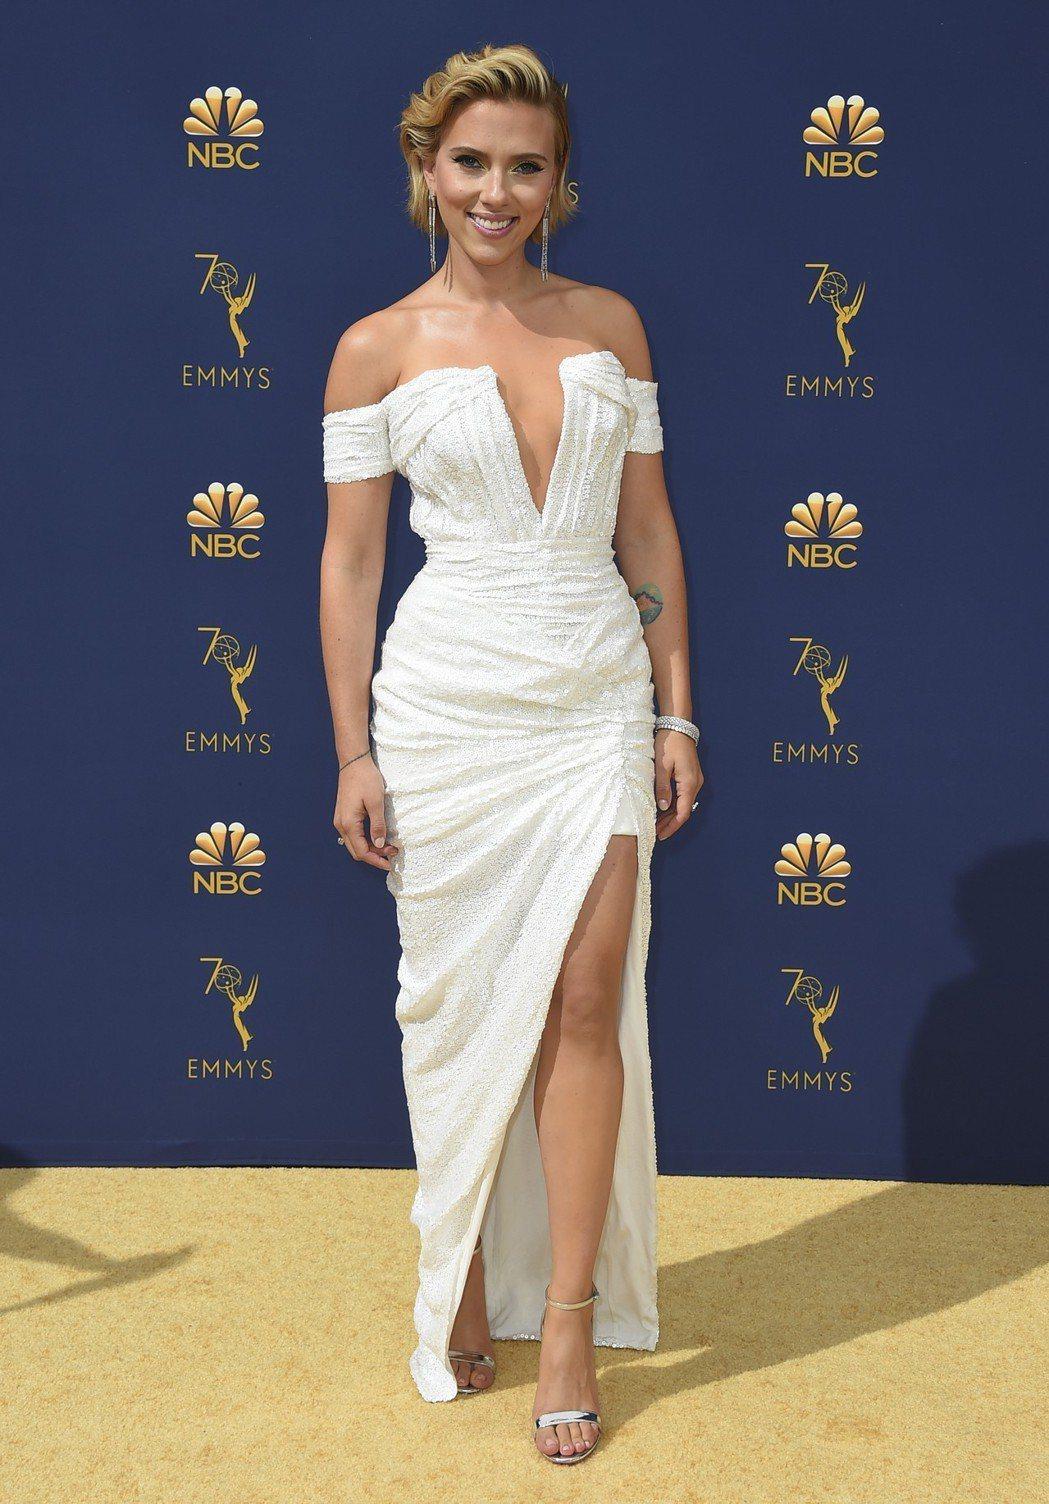 史嘉蕾喬韓森出席第70屆艾美獎星光大道。 圖/美聯社